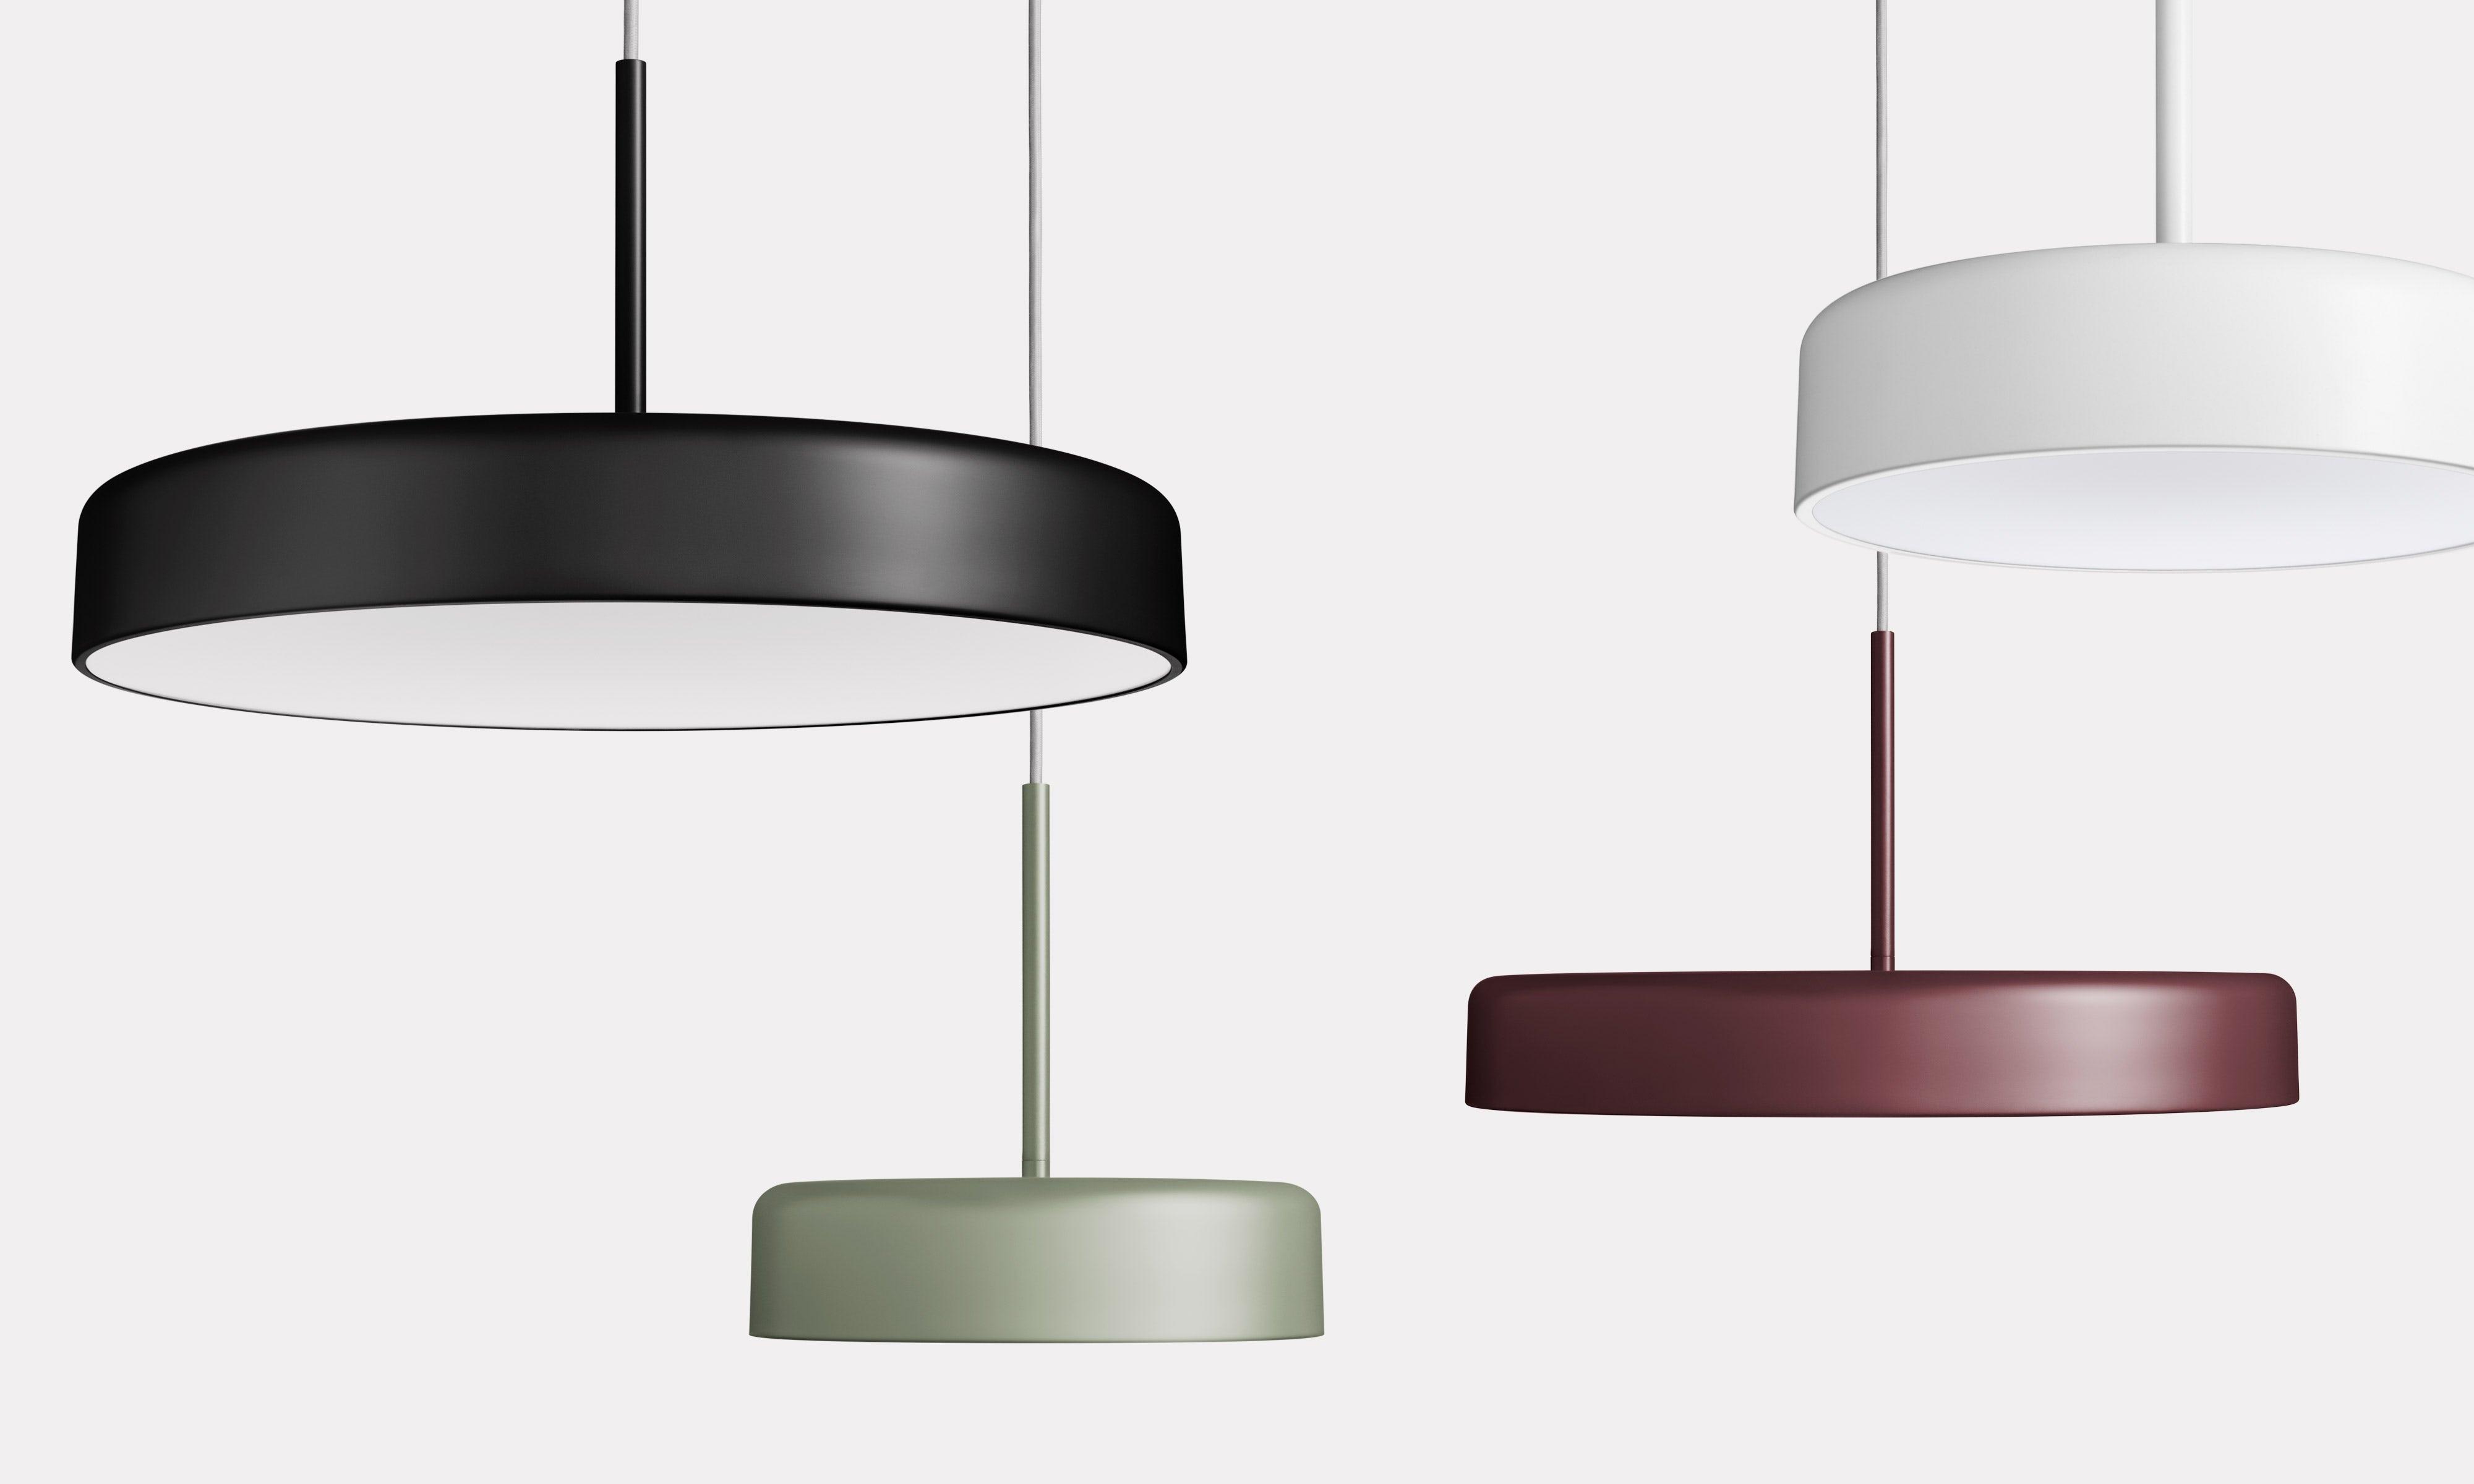 Bobber Large Pendant Light Modern Lighting by Blu Dot